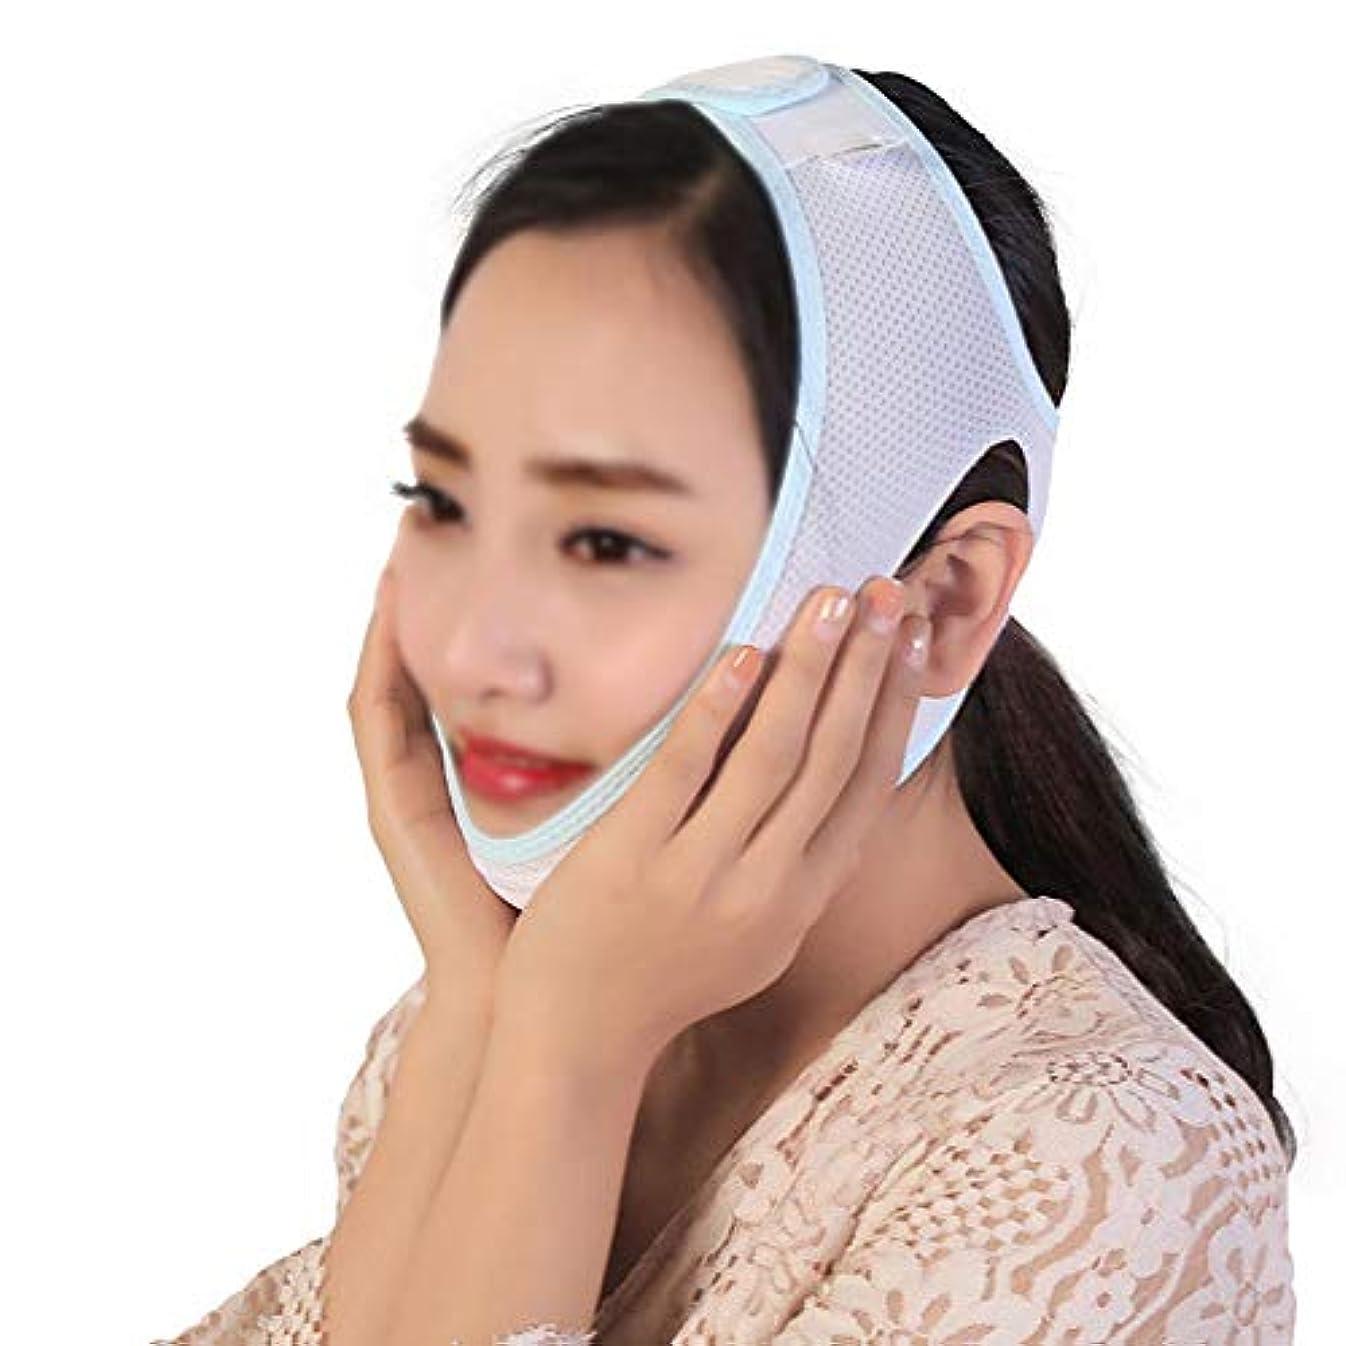 カナダ起きろコードTLMY ファーミングマスクスモールVフェイスアーティファクトリフティングサーフェスプラスチックマスクコンフォートアップグレード最適化改善顔面カーブ包括的な通気性包帯 顔用整形マスク (Size : M)